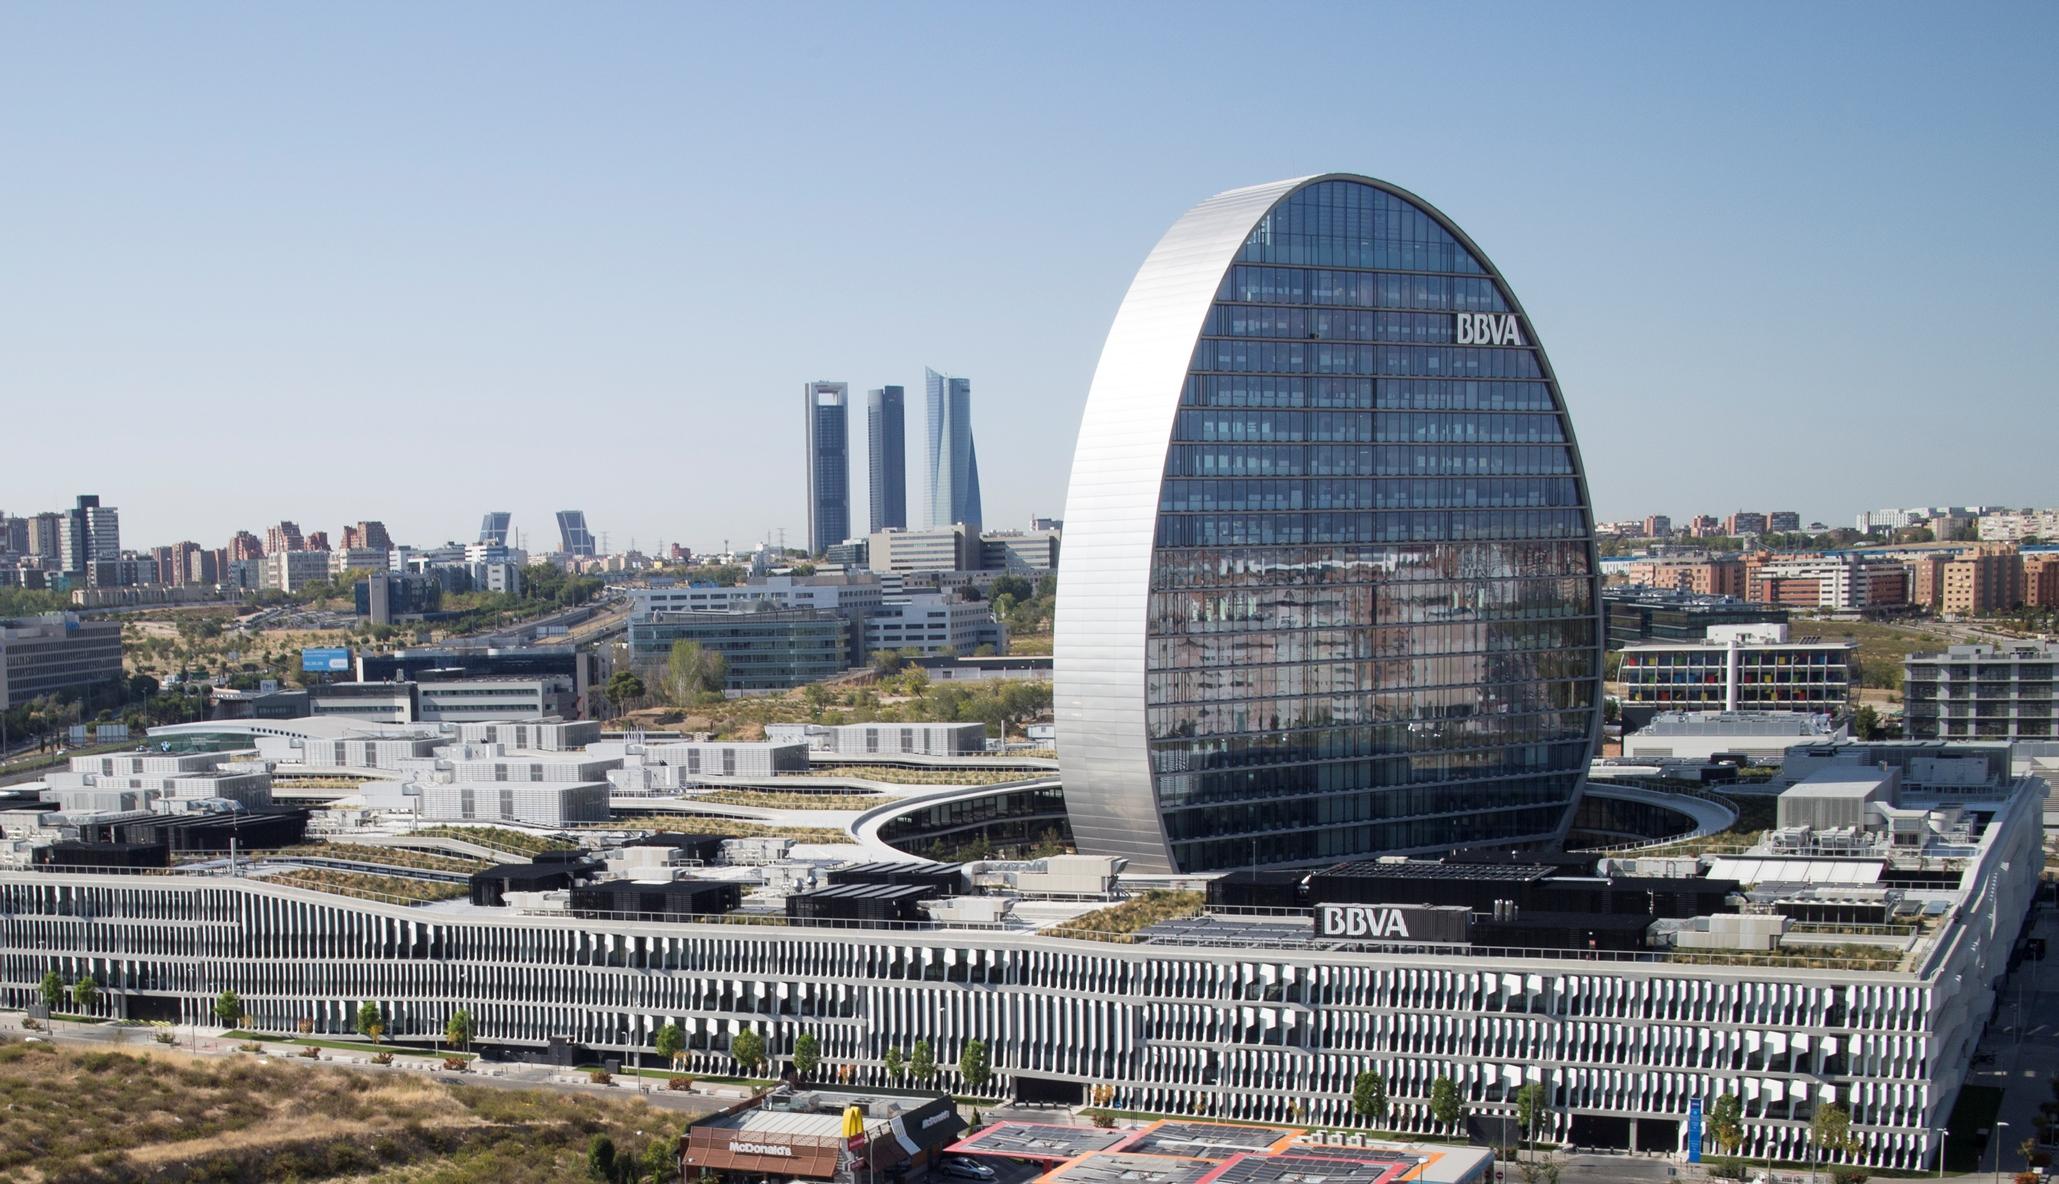 https://accionistaseinversores.bbva.com/wp-content/uploads/2017/05/vista-aerea-ciudad-bbva.jpg